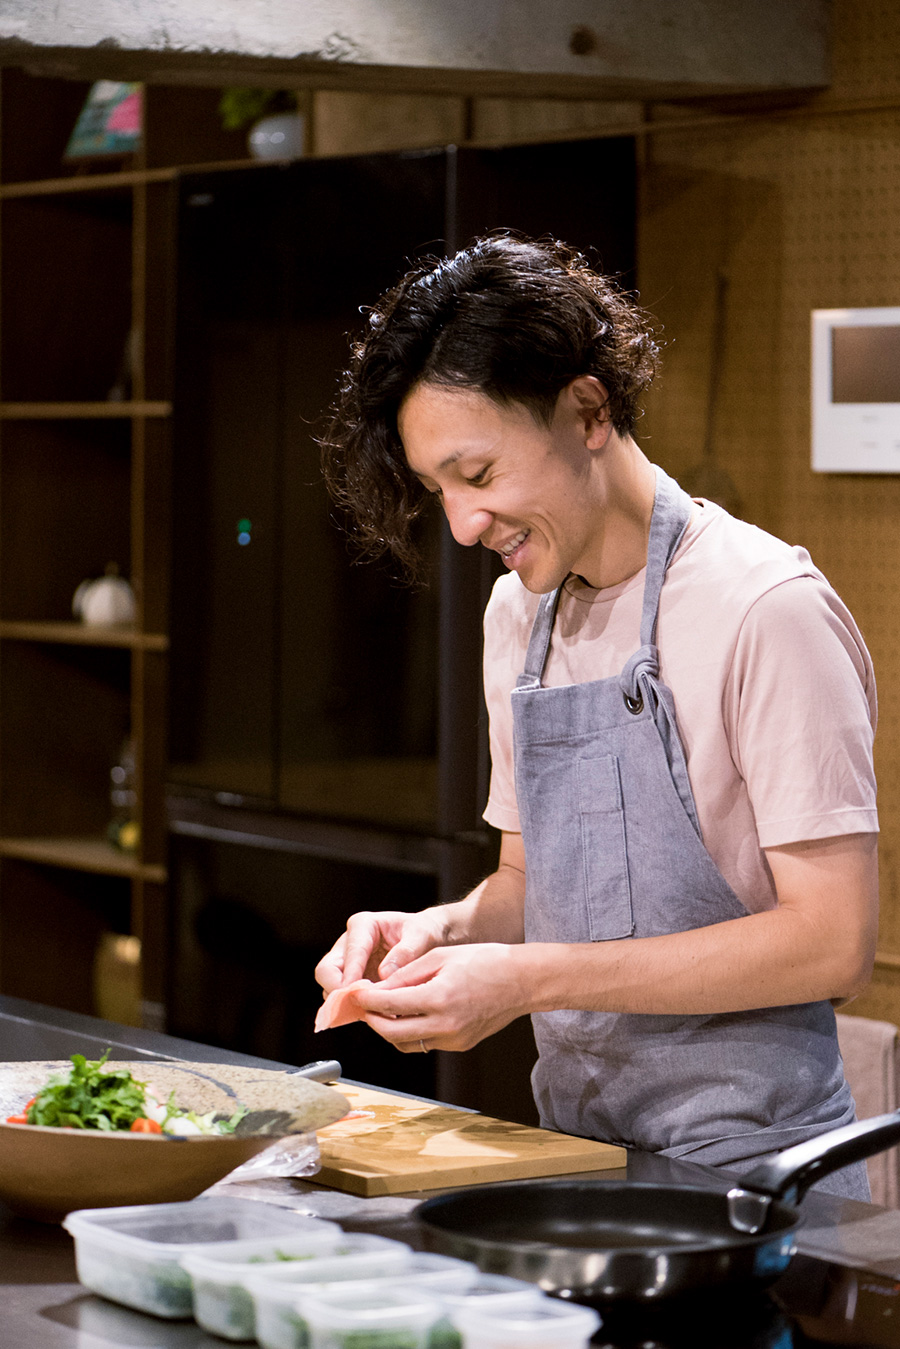 和を取り入れた創作料理が得意な豪希さん。この日も薬味たっぷりのカレーをふるまってくれた。